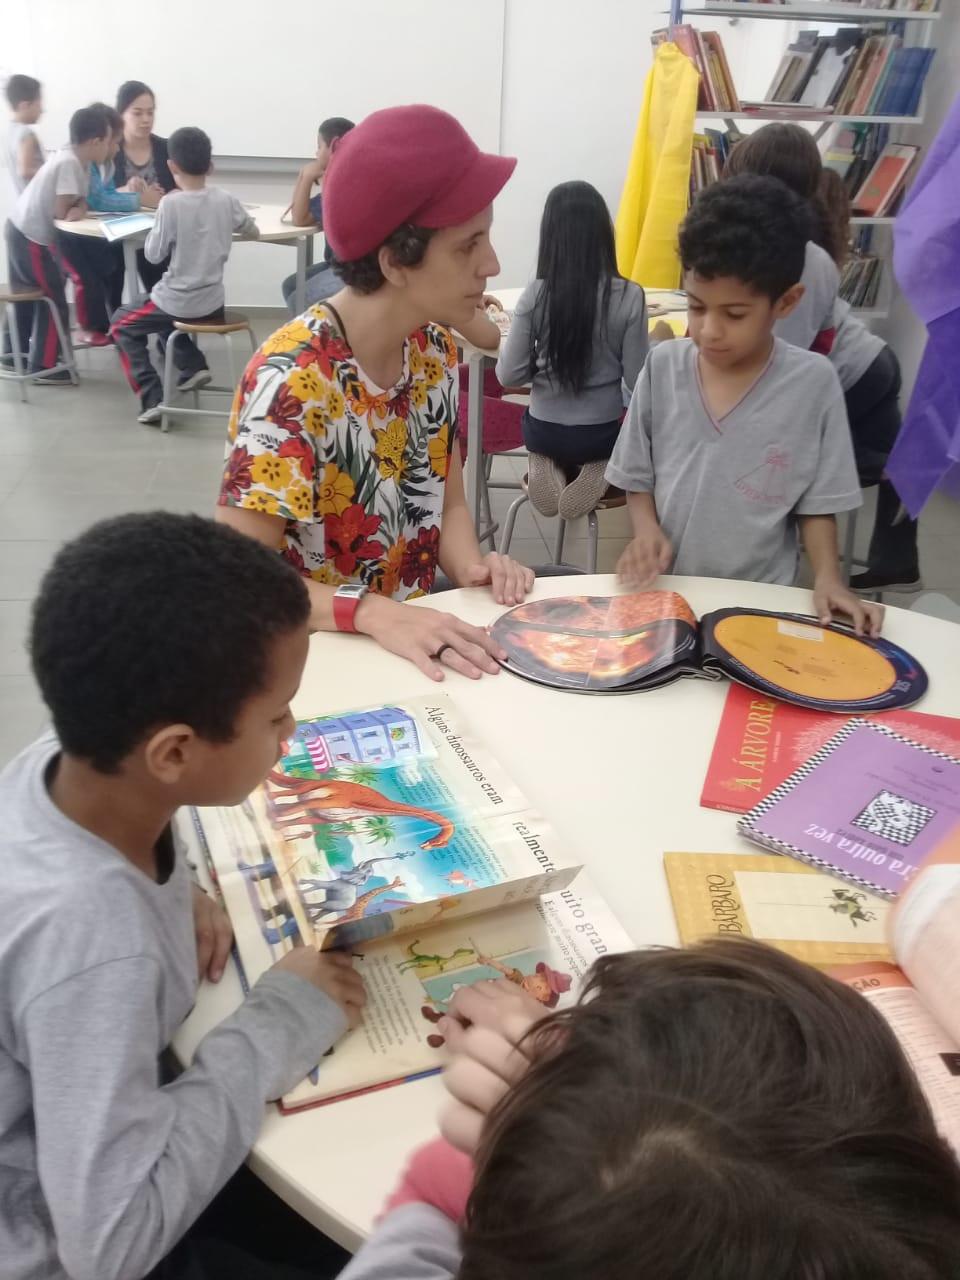 Uma mulher e 3 crianças de uniforme escolar sentados em torno de uma mesa. Há 5 livros em cima da mesa. A mulher lê para uma das crianças e as outras crianças olham os outros livros